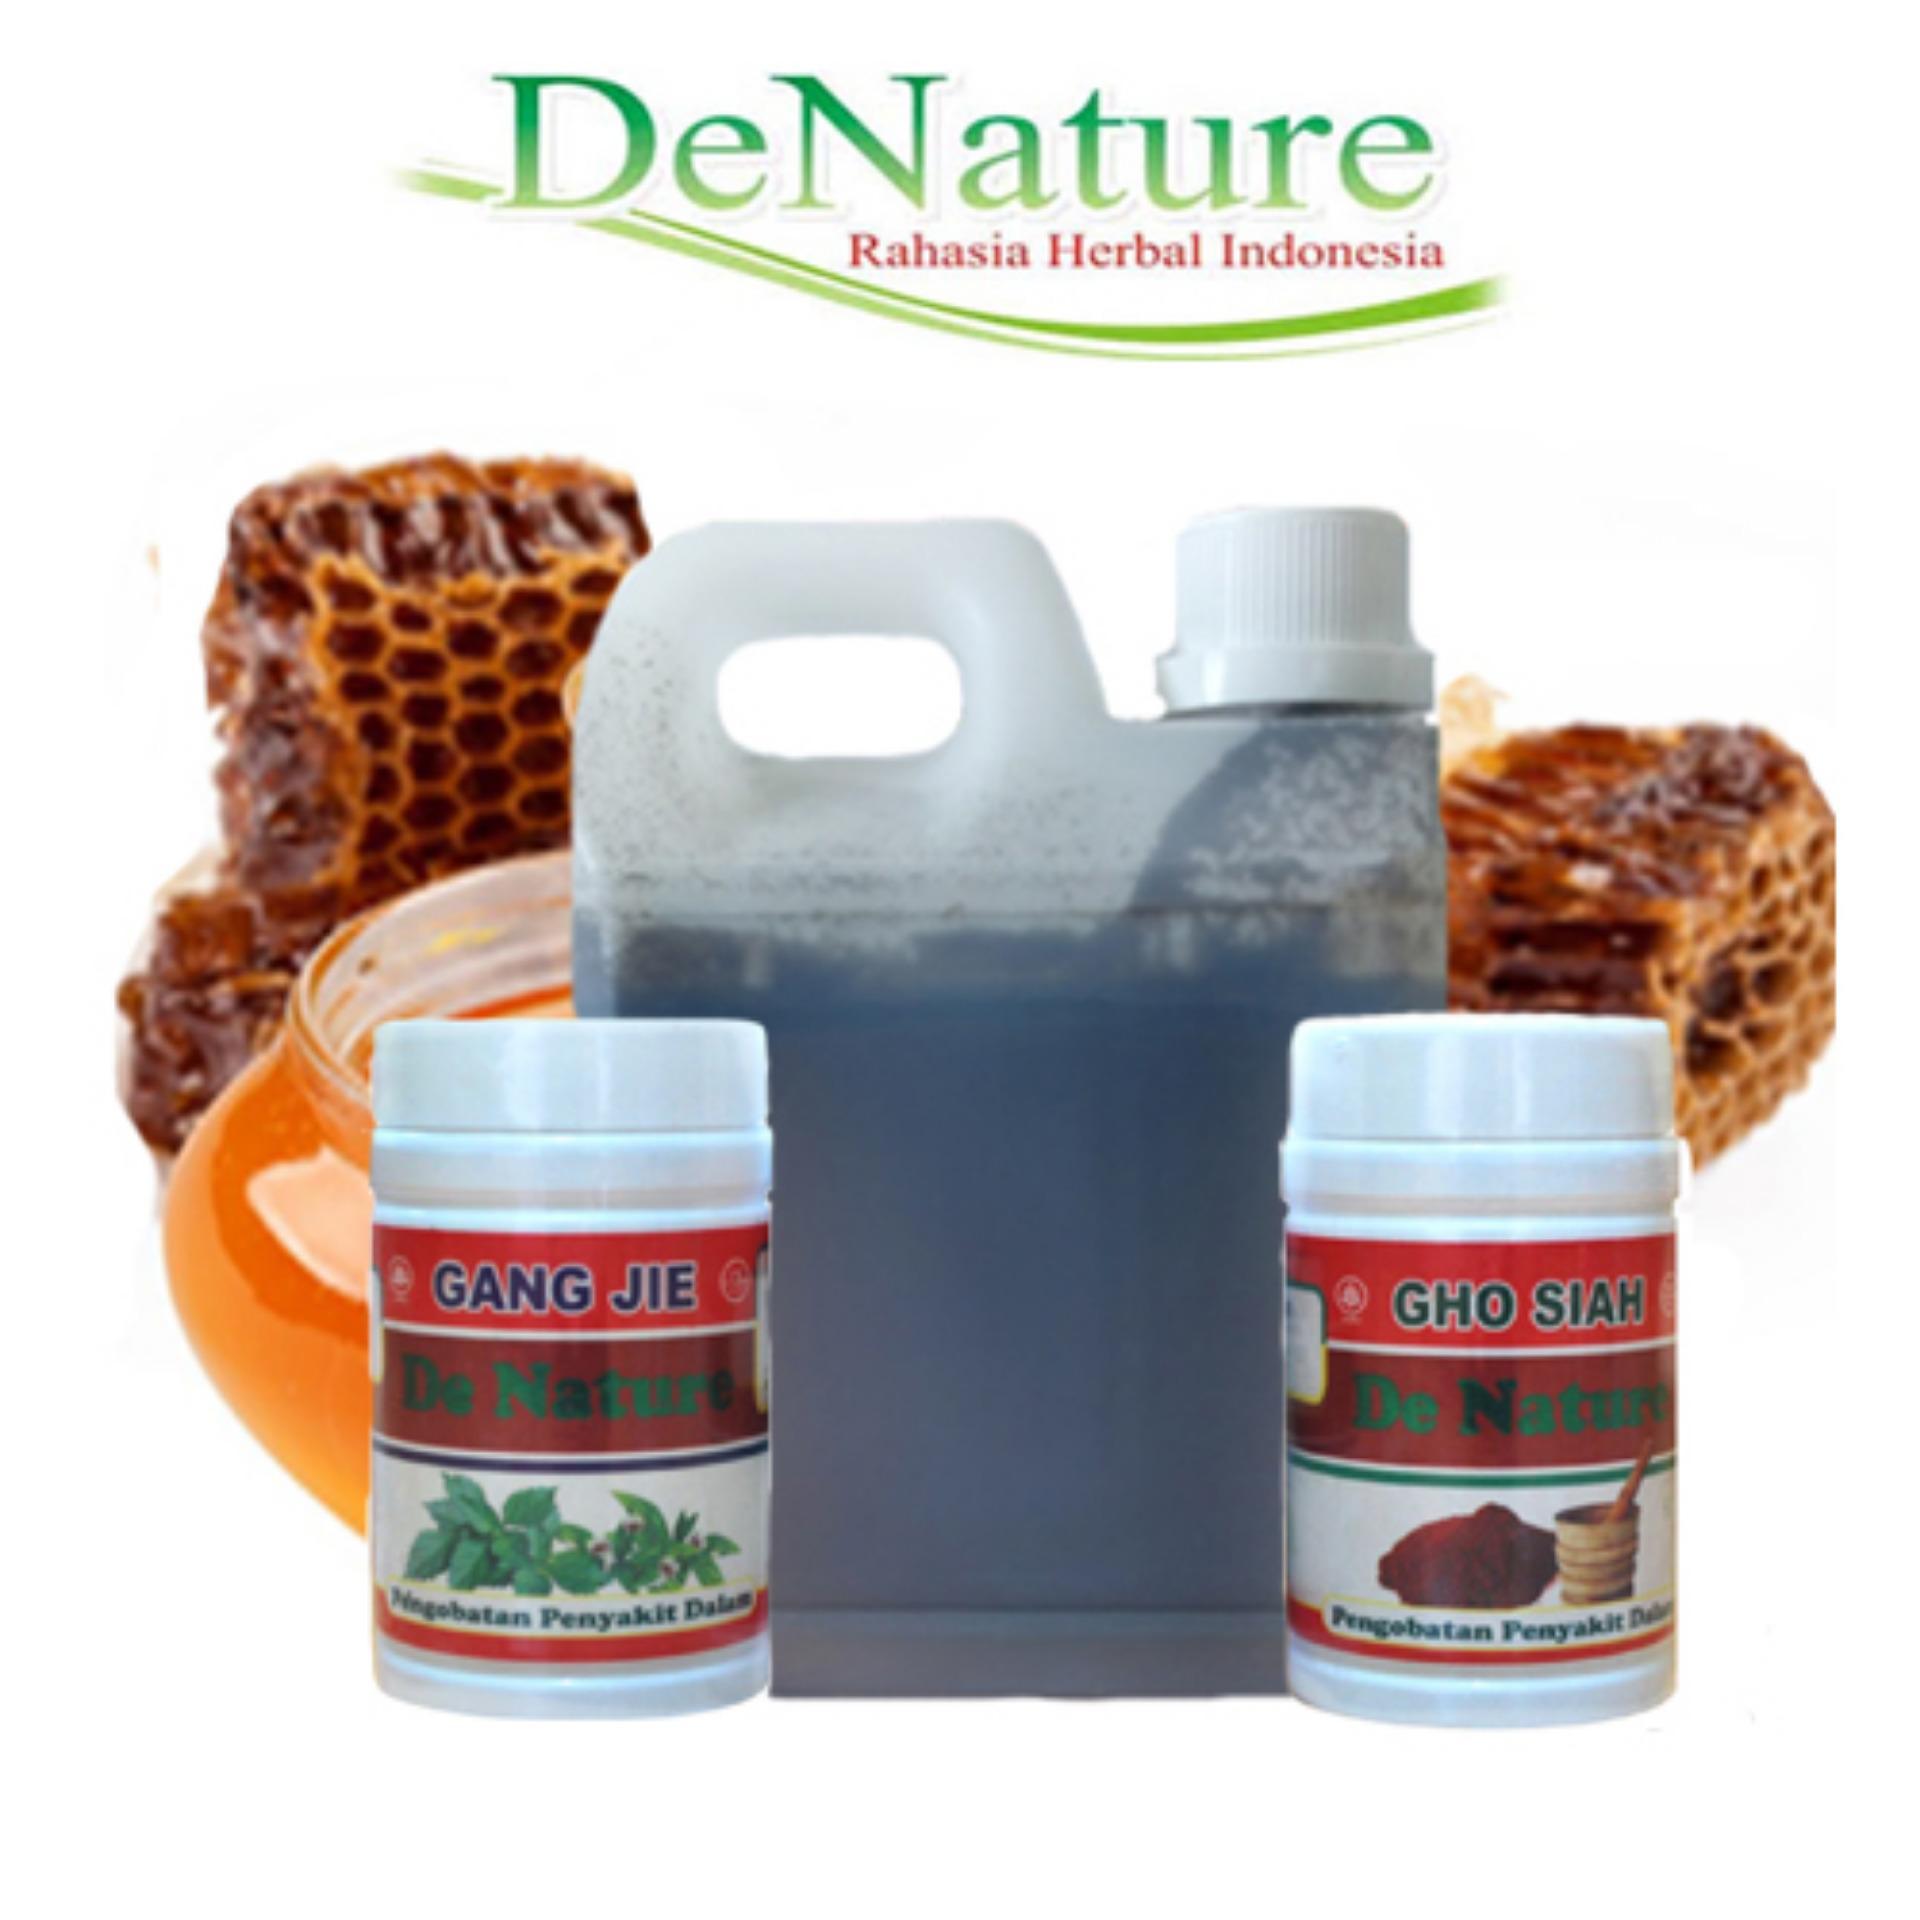 De Nature Obat Herbal Hiv Aids Gonore Ampuh Sipilis Raja Singa Sakit Go Isk Paket